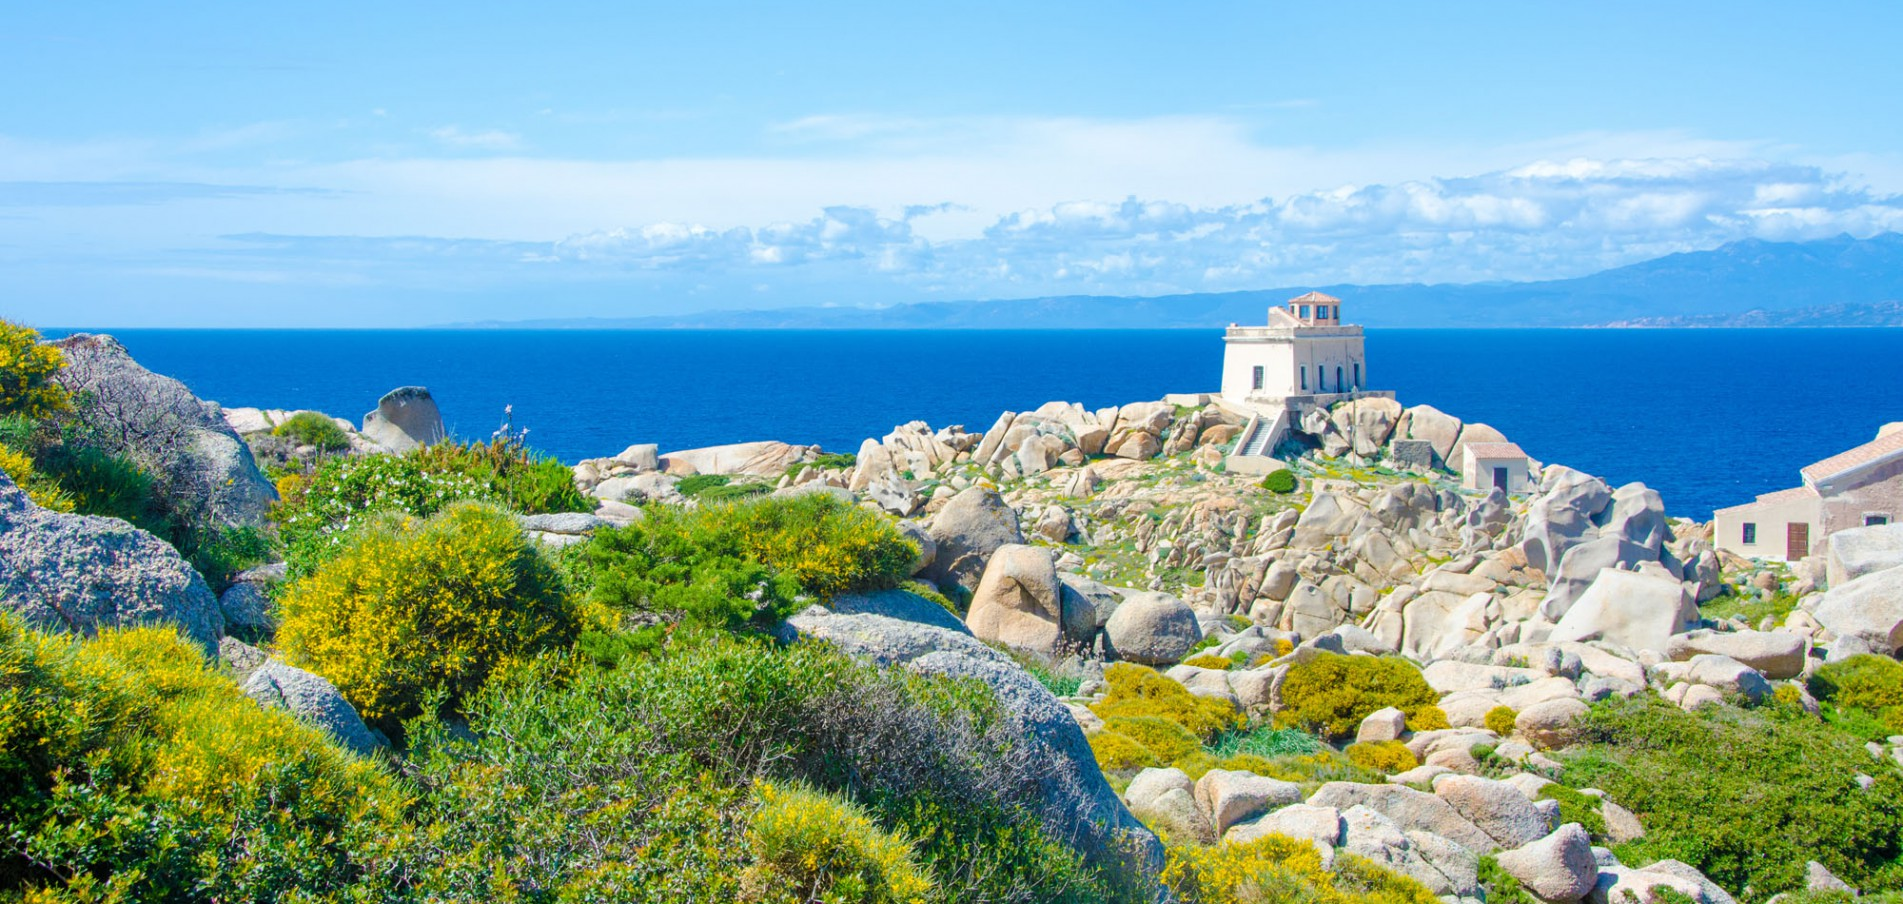 Willkommen auf Sardinien ... die Karibik Europas!